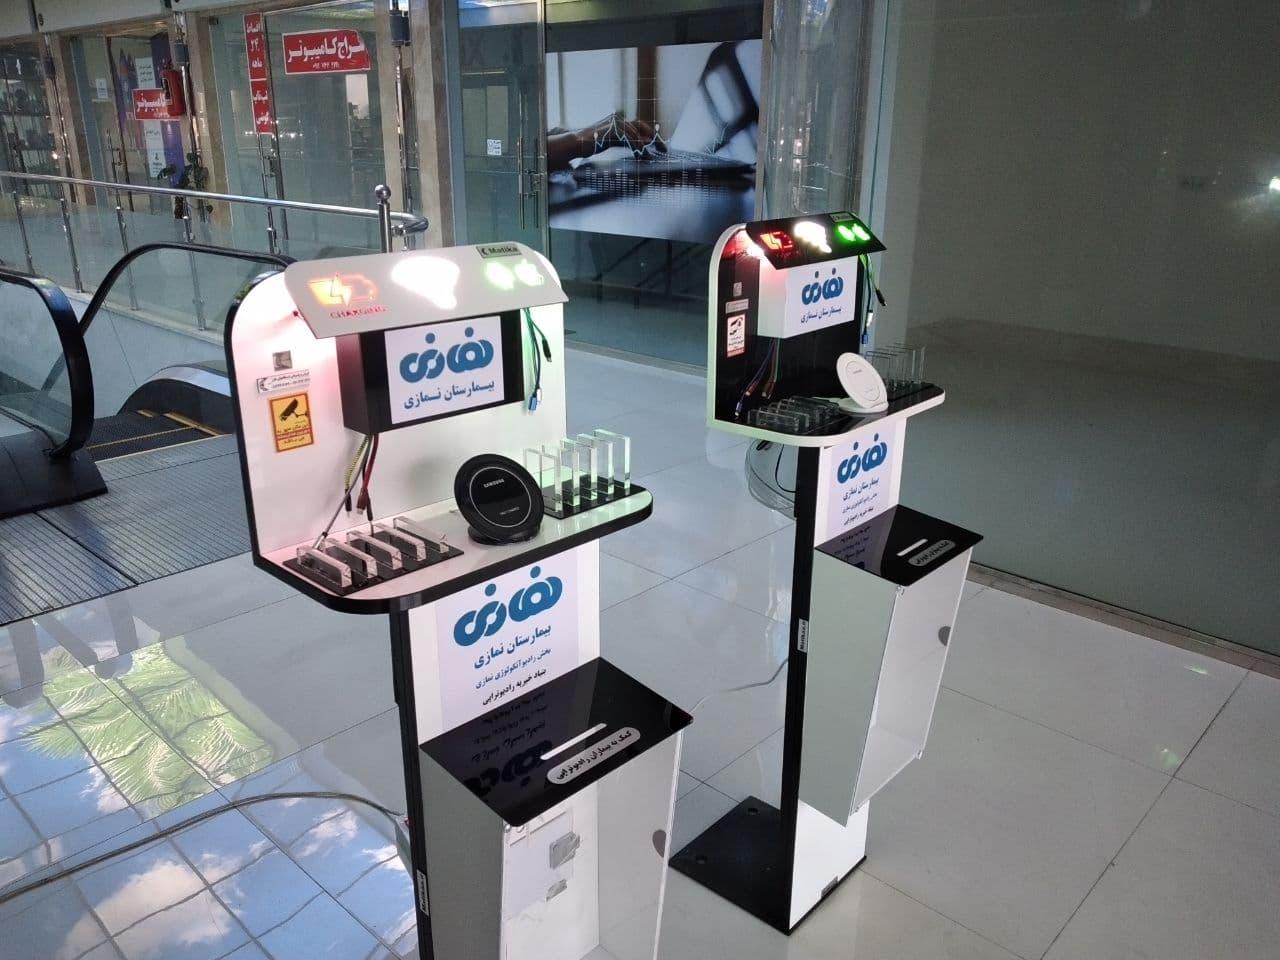 صندوق نذورات - صندوق انتقادات و پیشنهادات --  ایستگاه شارژر موبایل - استند شارژ